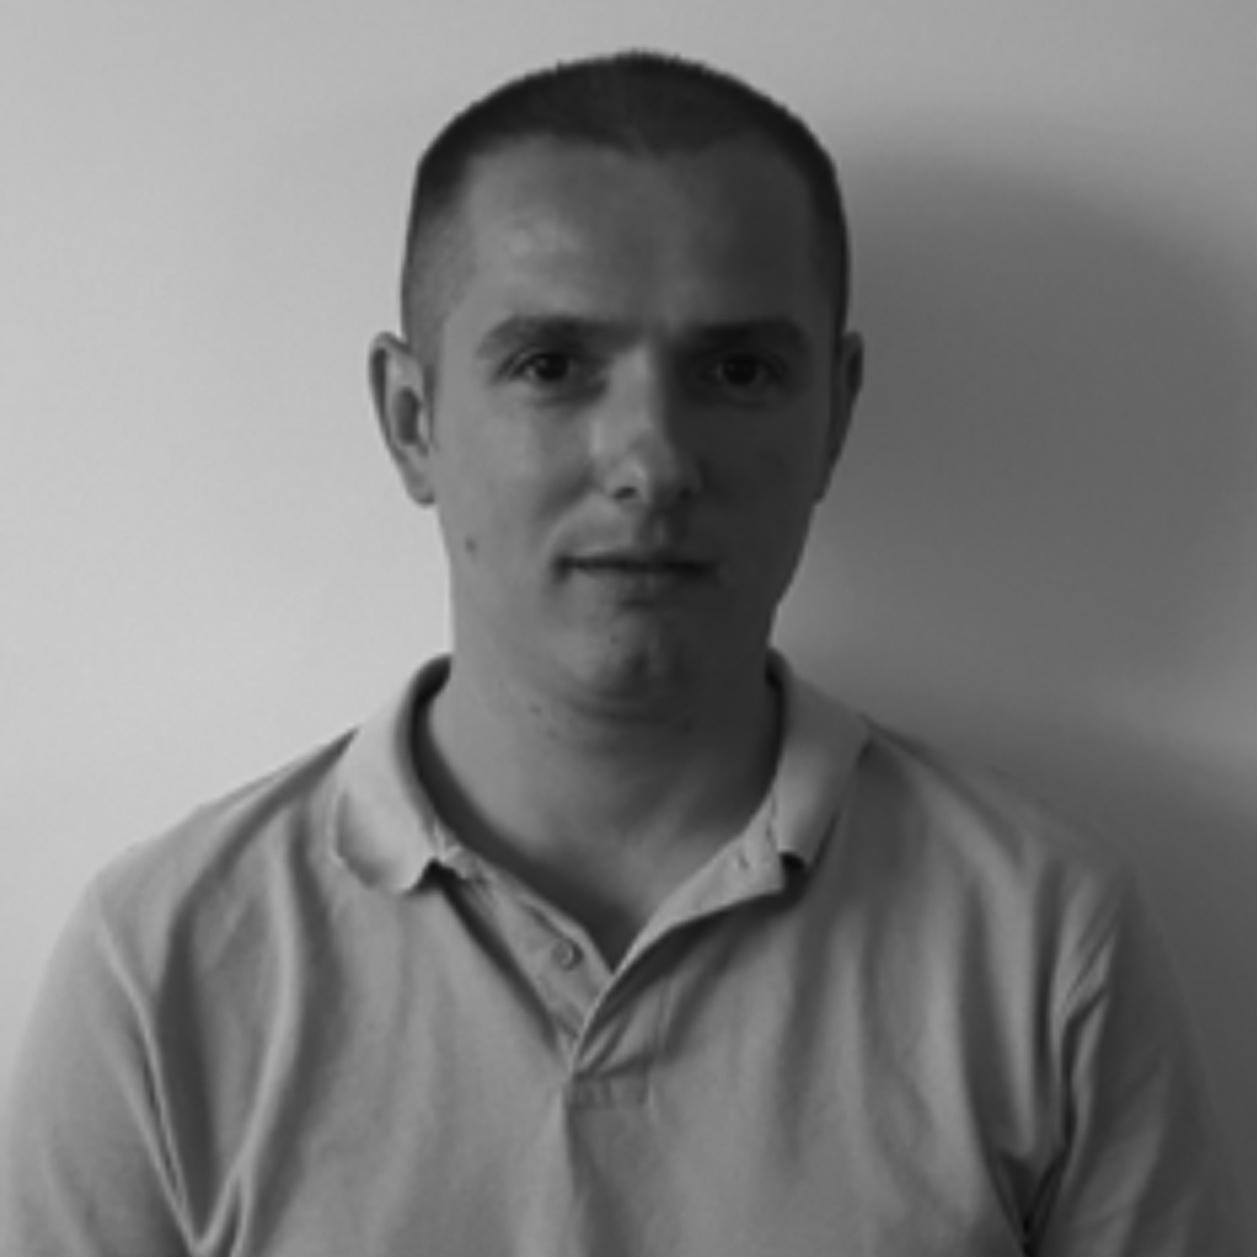 Fanel Pirjoleanu